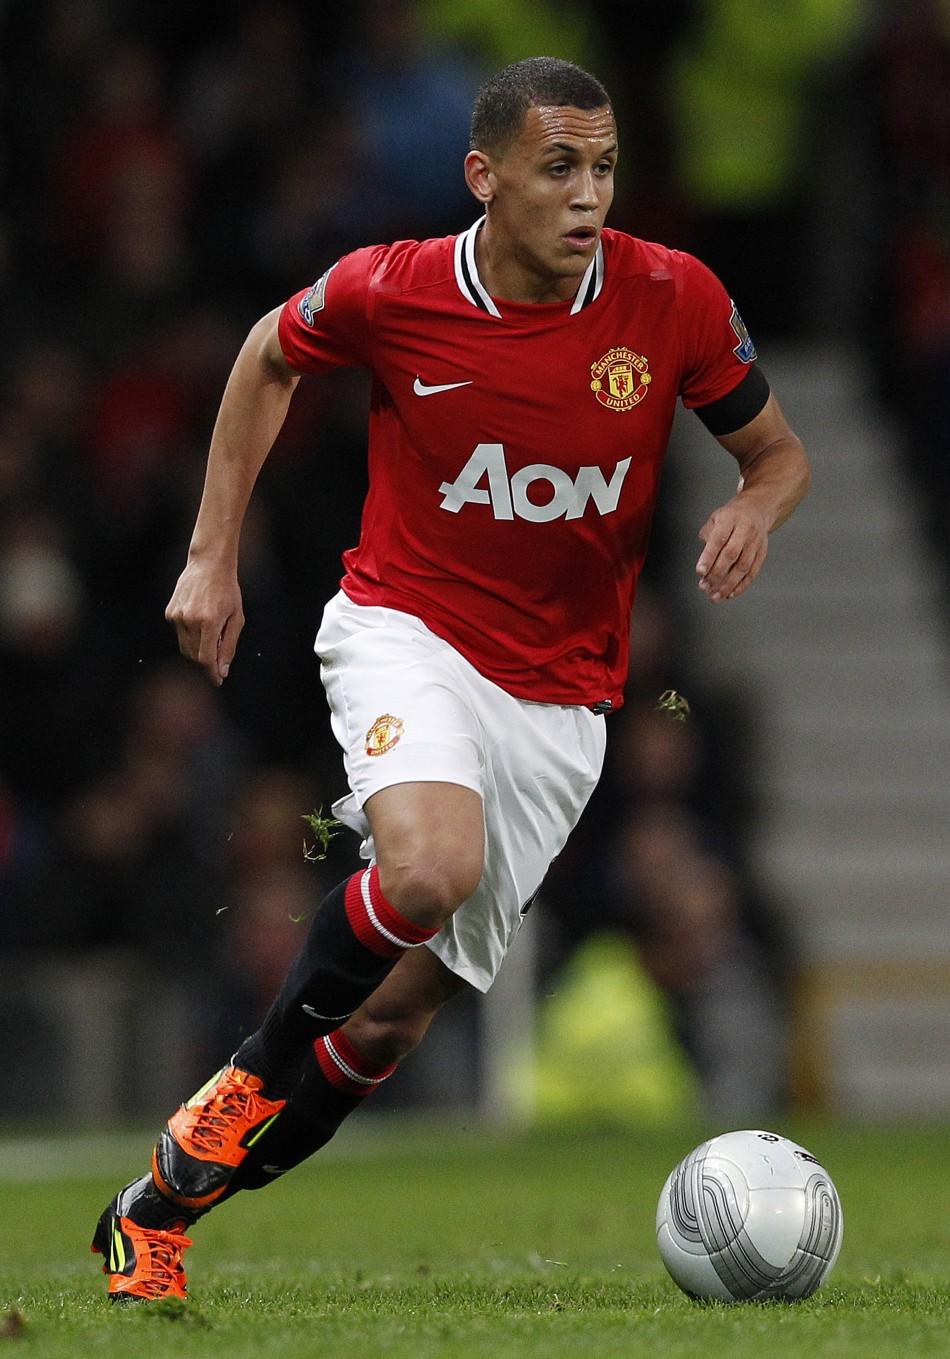 Ravel Morrison